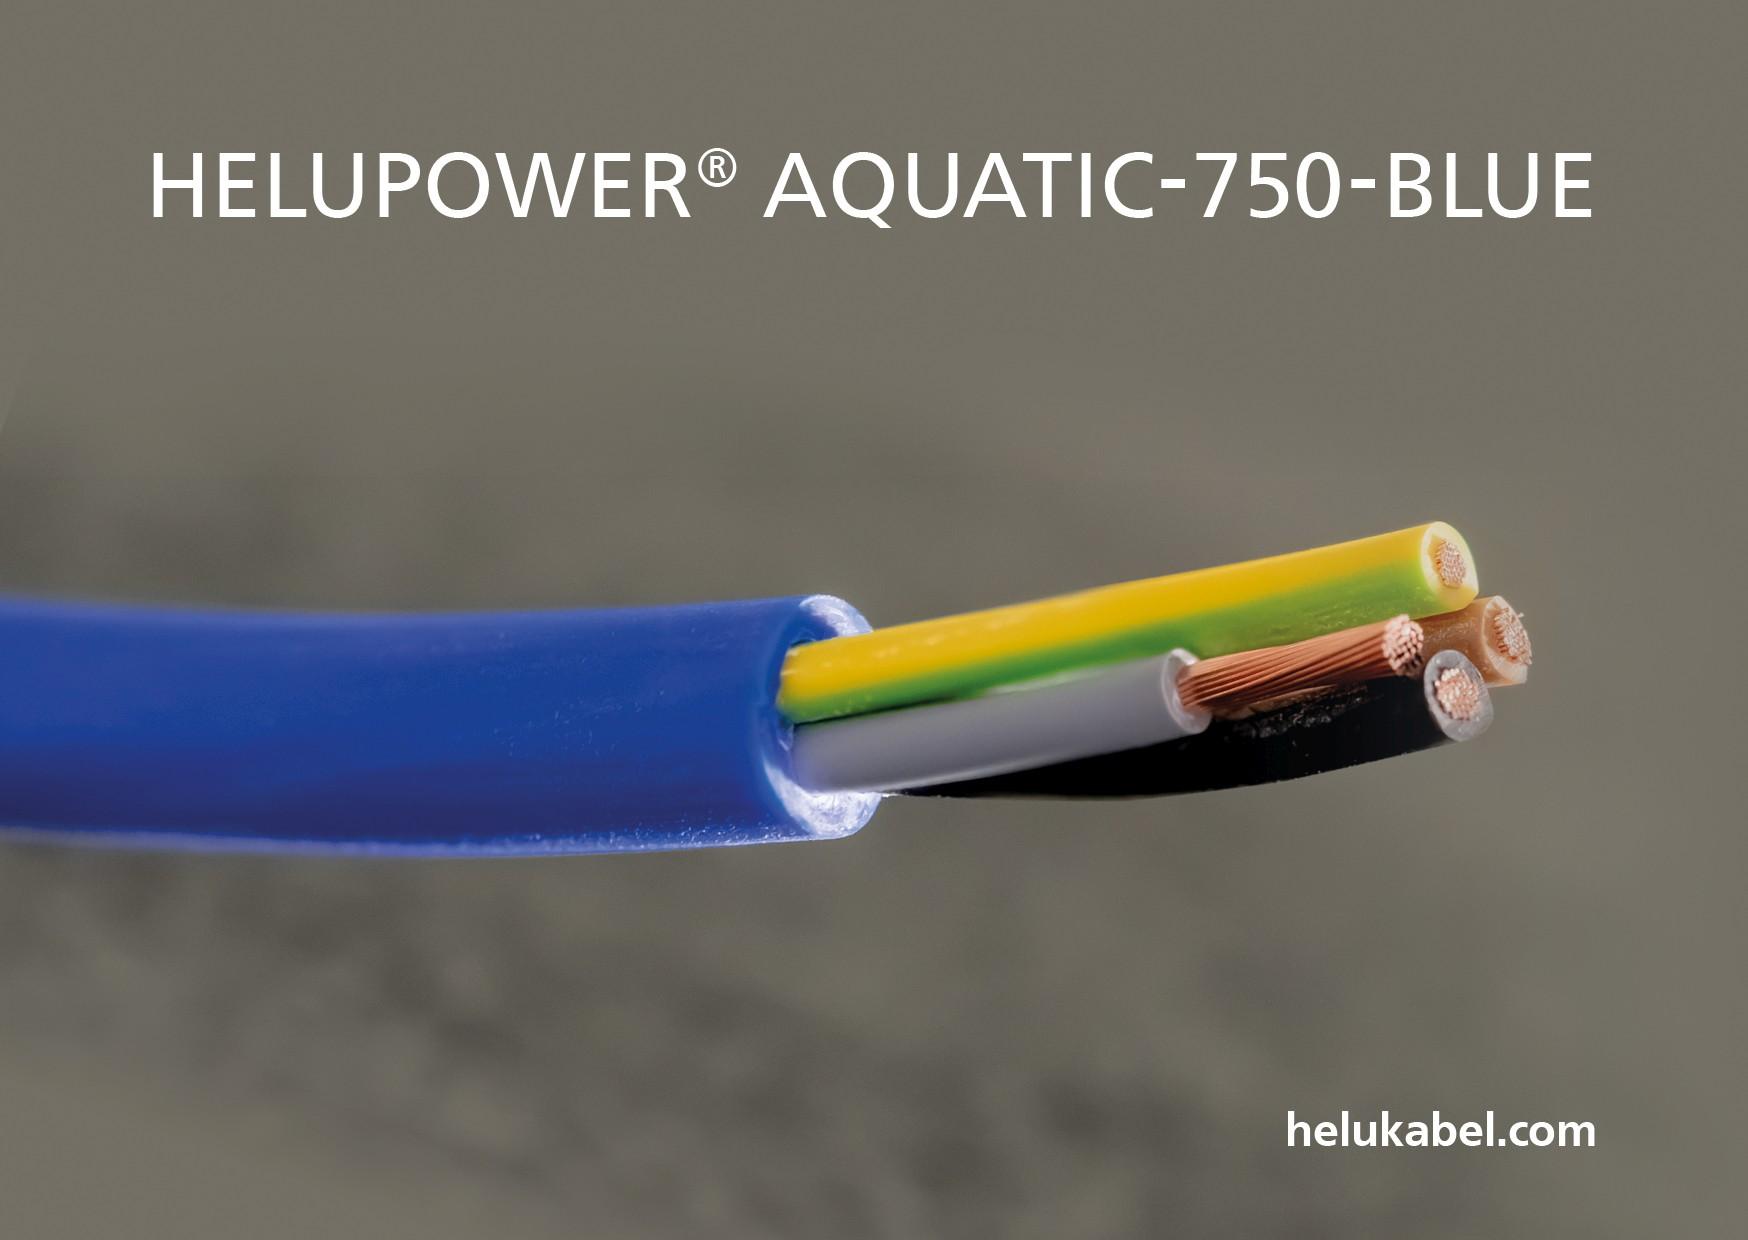 Wasserresistente Kabel bis 600m Tiefe